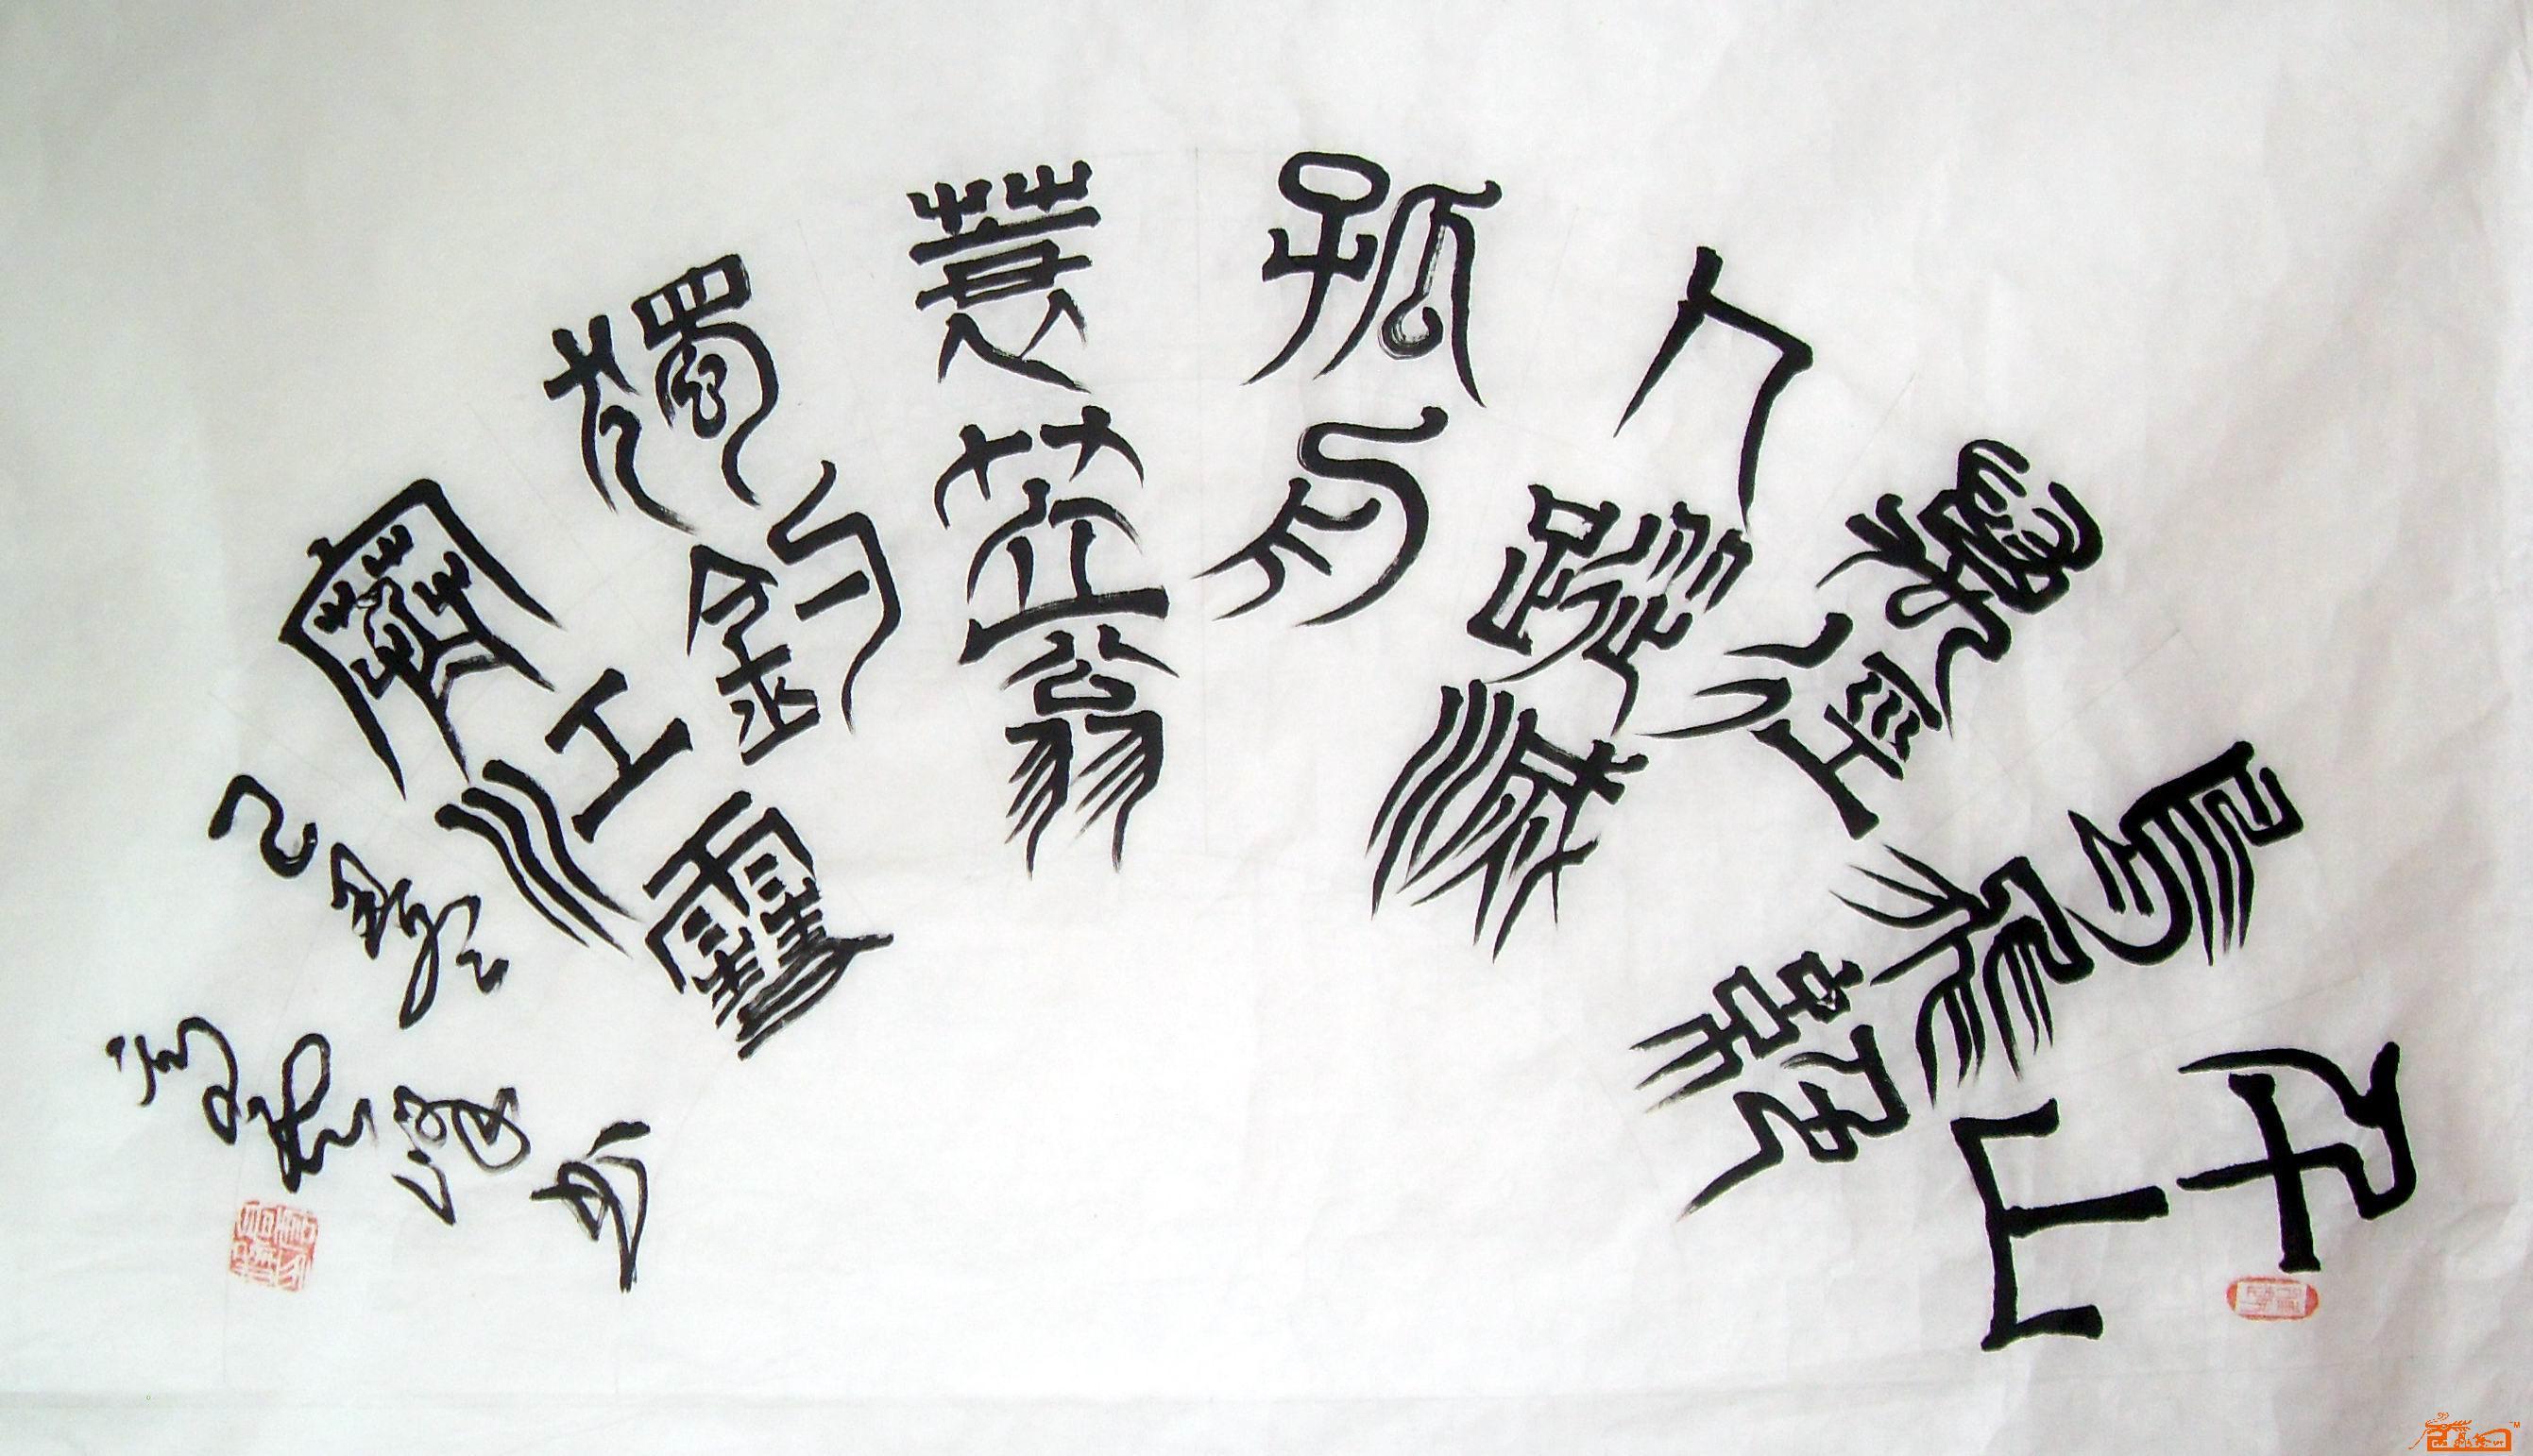 高云峰 淘宝 名人字画 中国书画交易中心 中国书画销售中心 中国书画